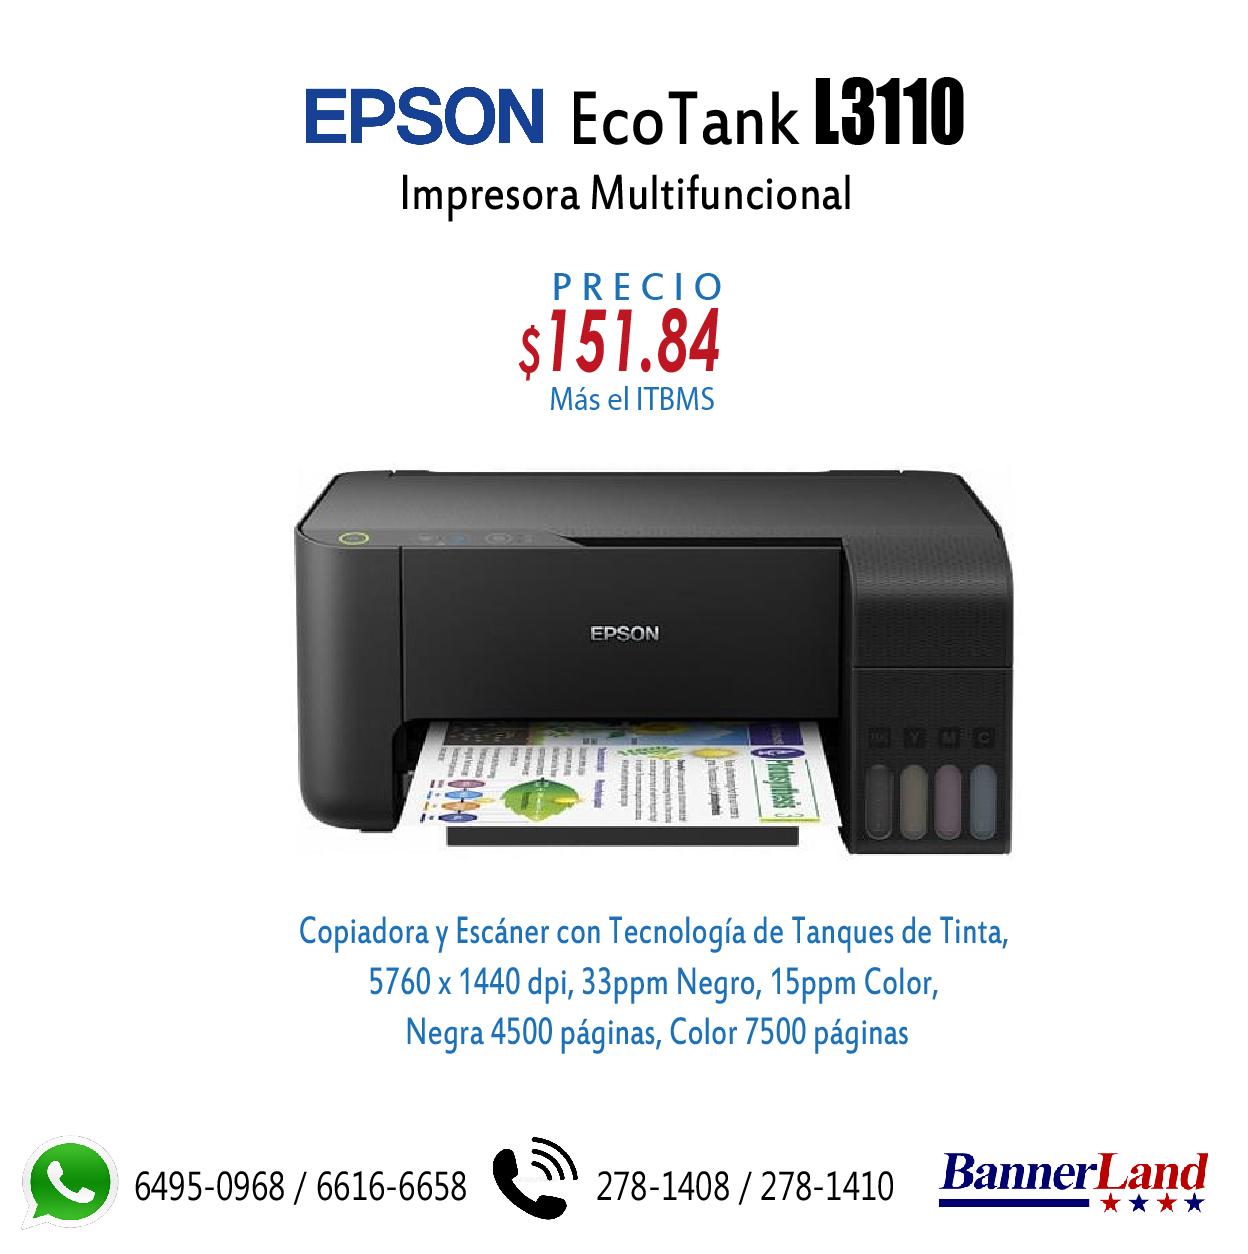 EPSON_3110_DOS